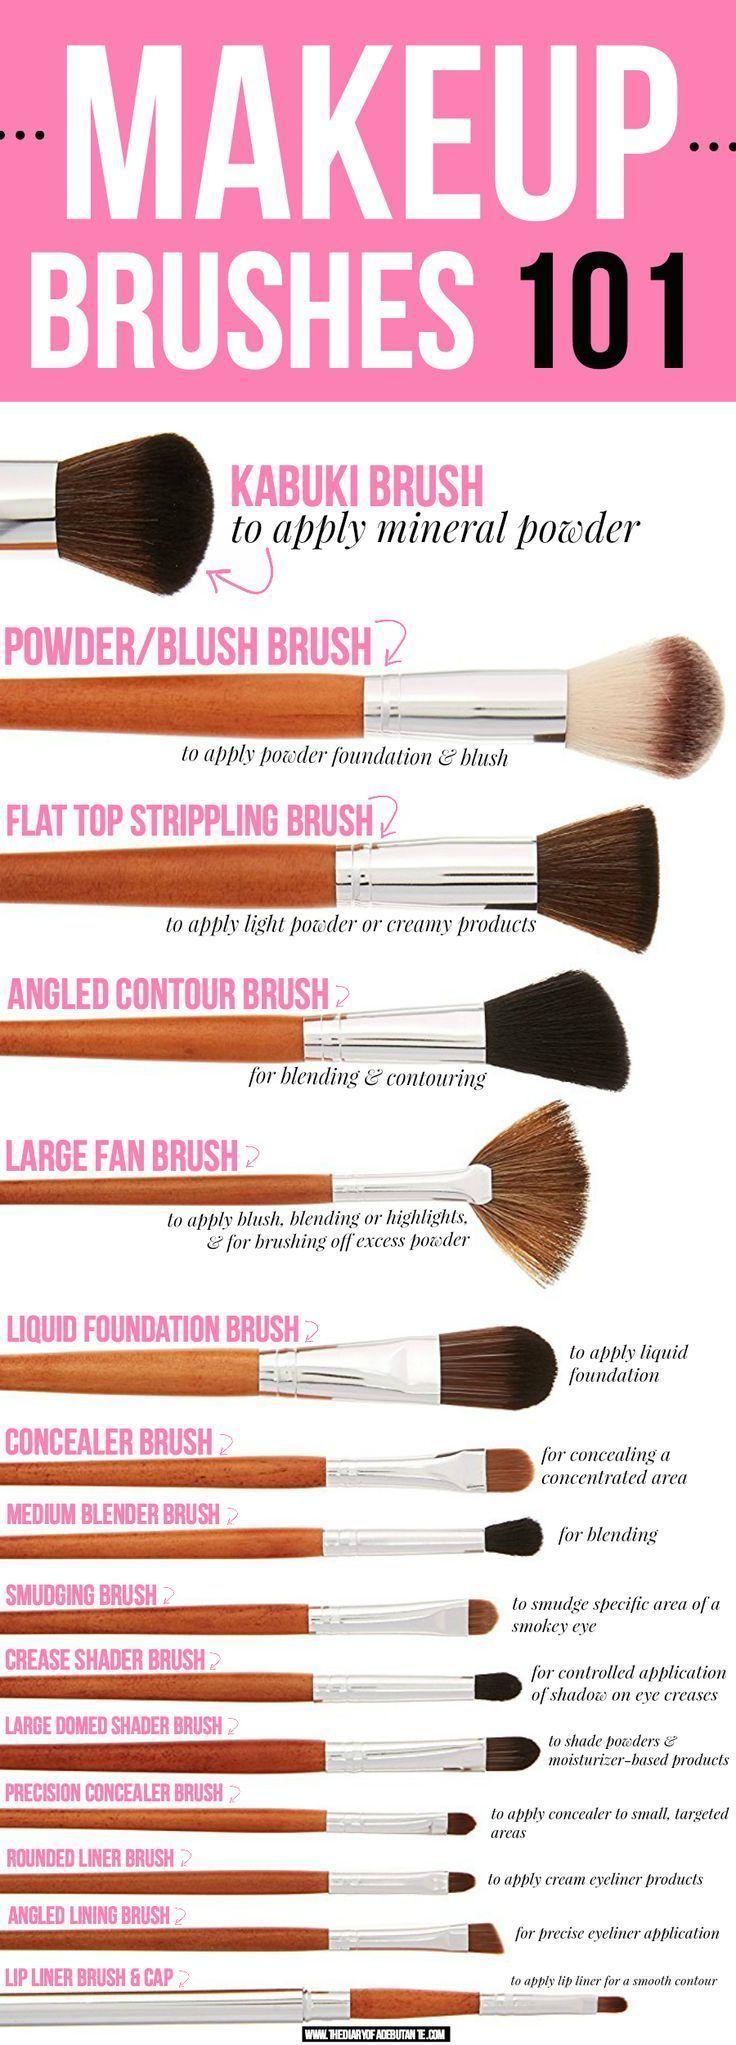 Diese Make-up Pinsel Anleitung zeigt 15 der besten Vanity Planet Make-up Pinsel,